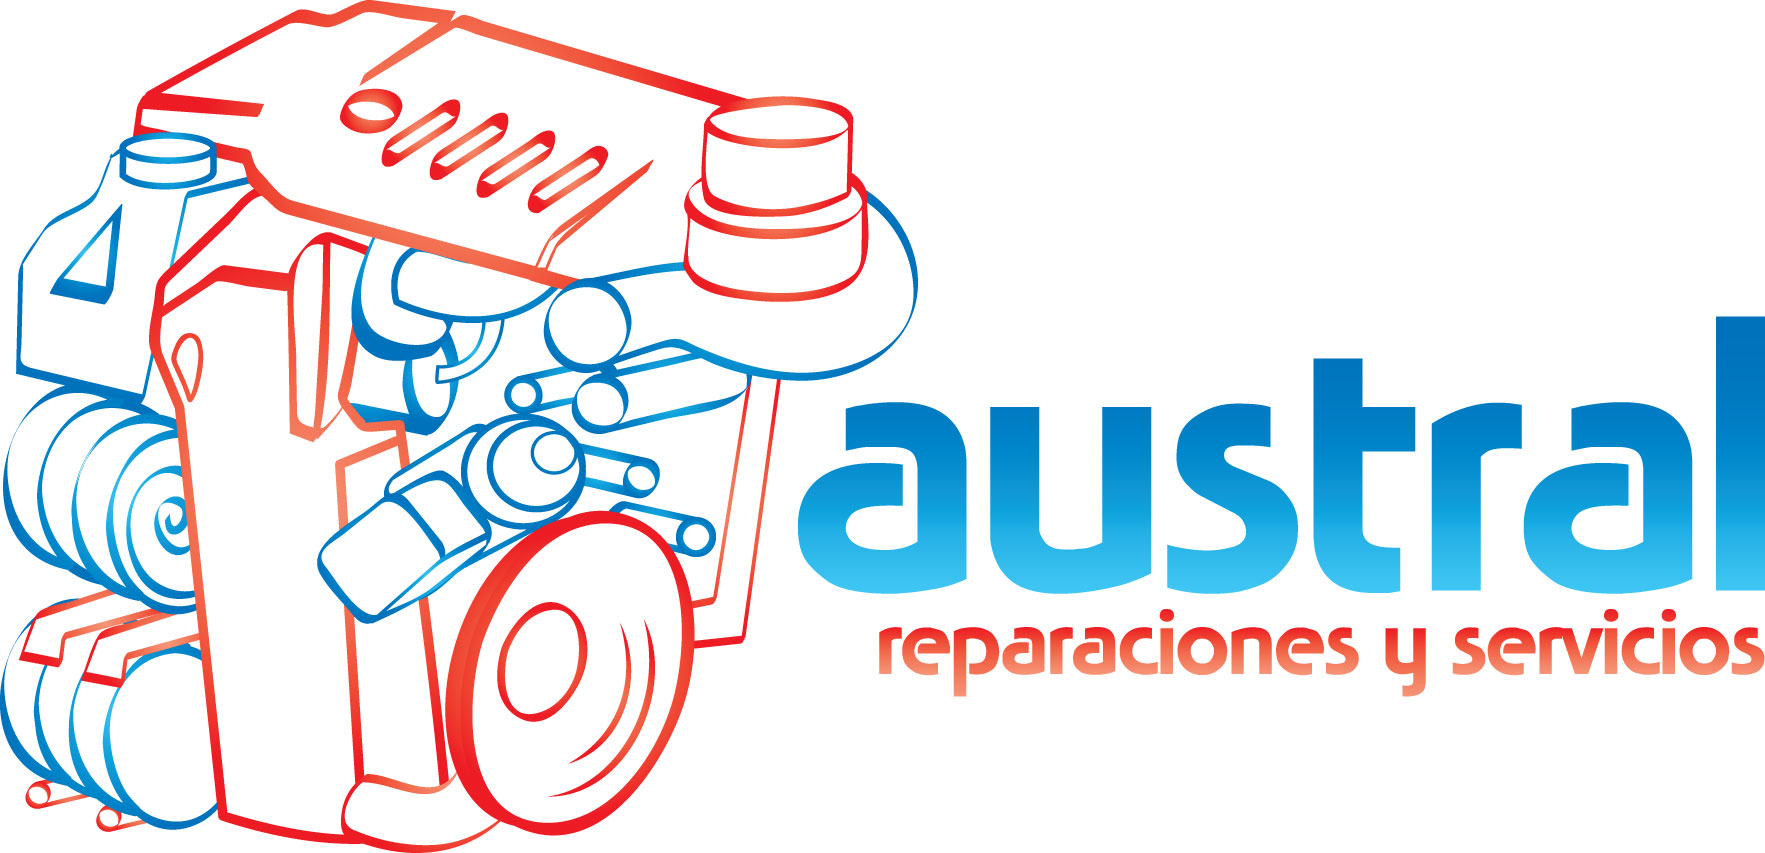 AUSTRAL REPARACIONES Y SERVICIOS